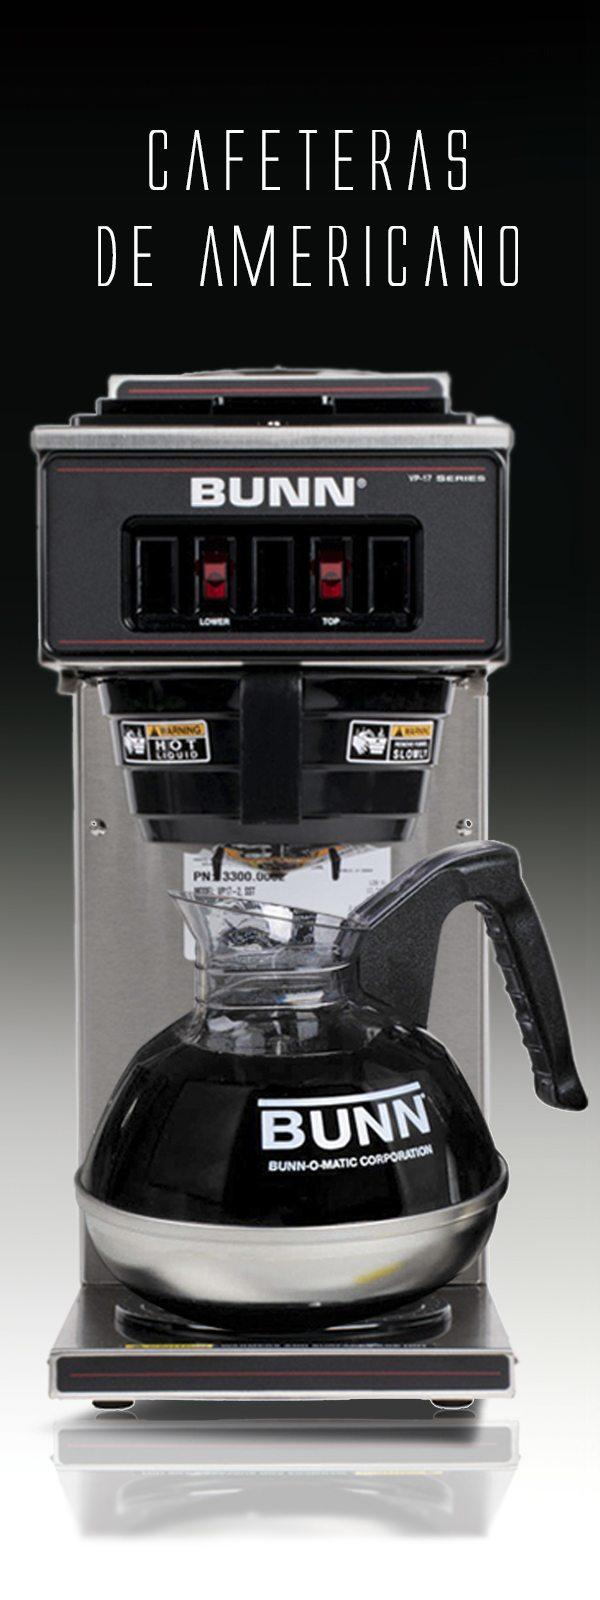 CAFETERAS DE AMERICANO 1